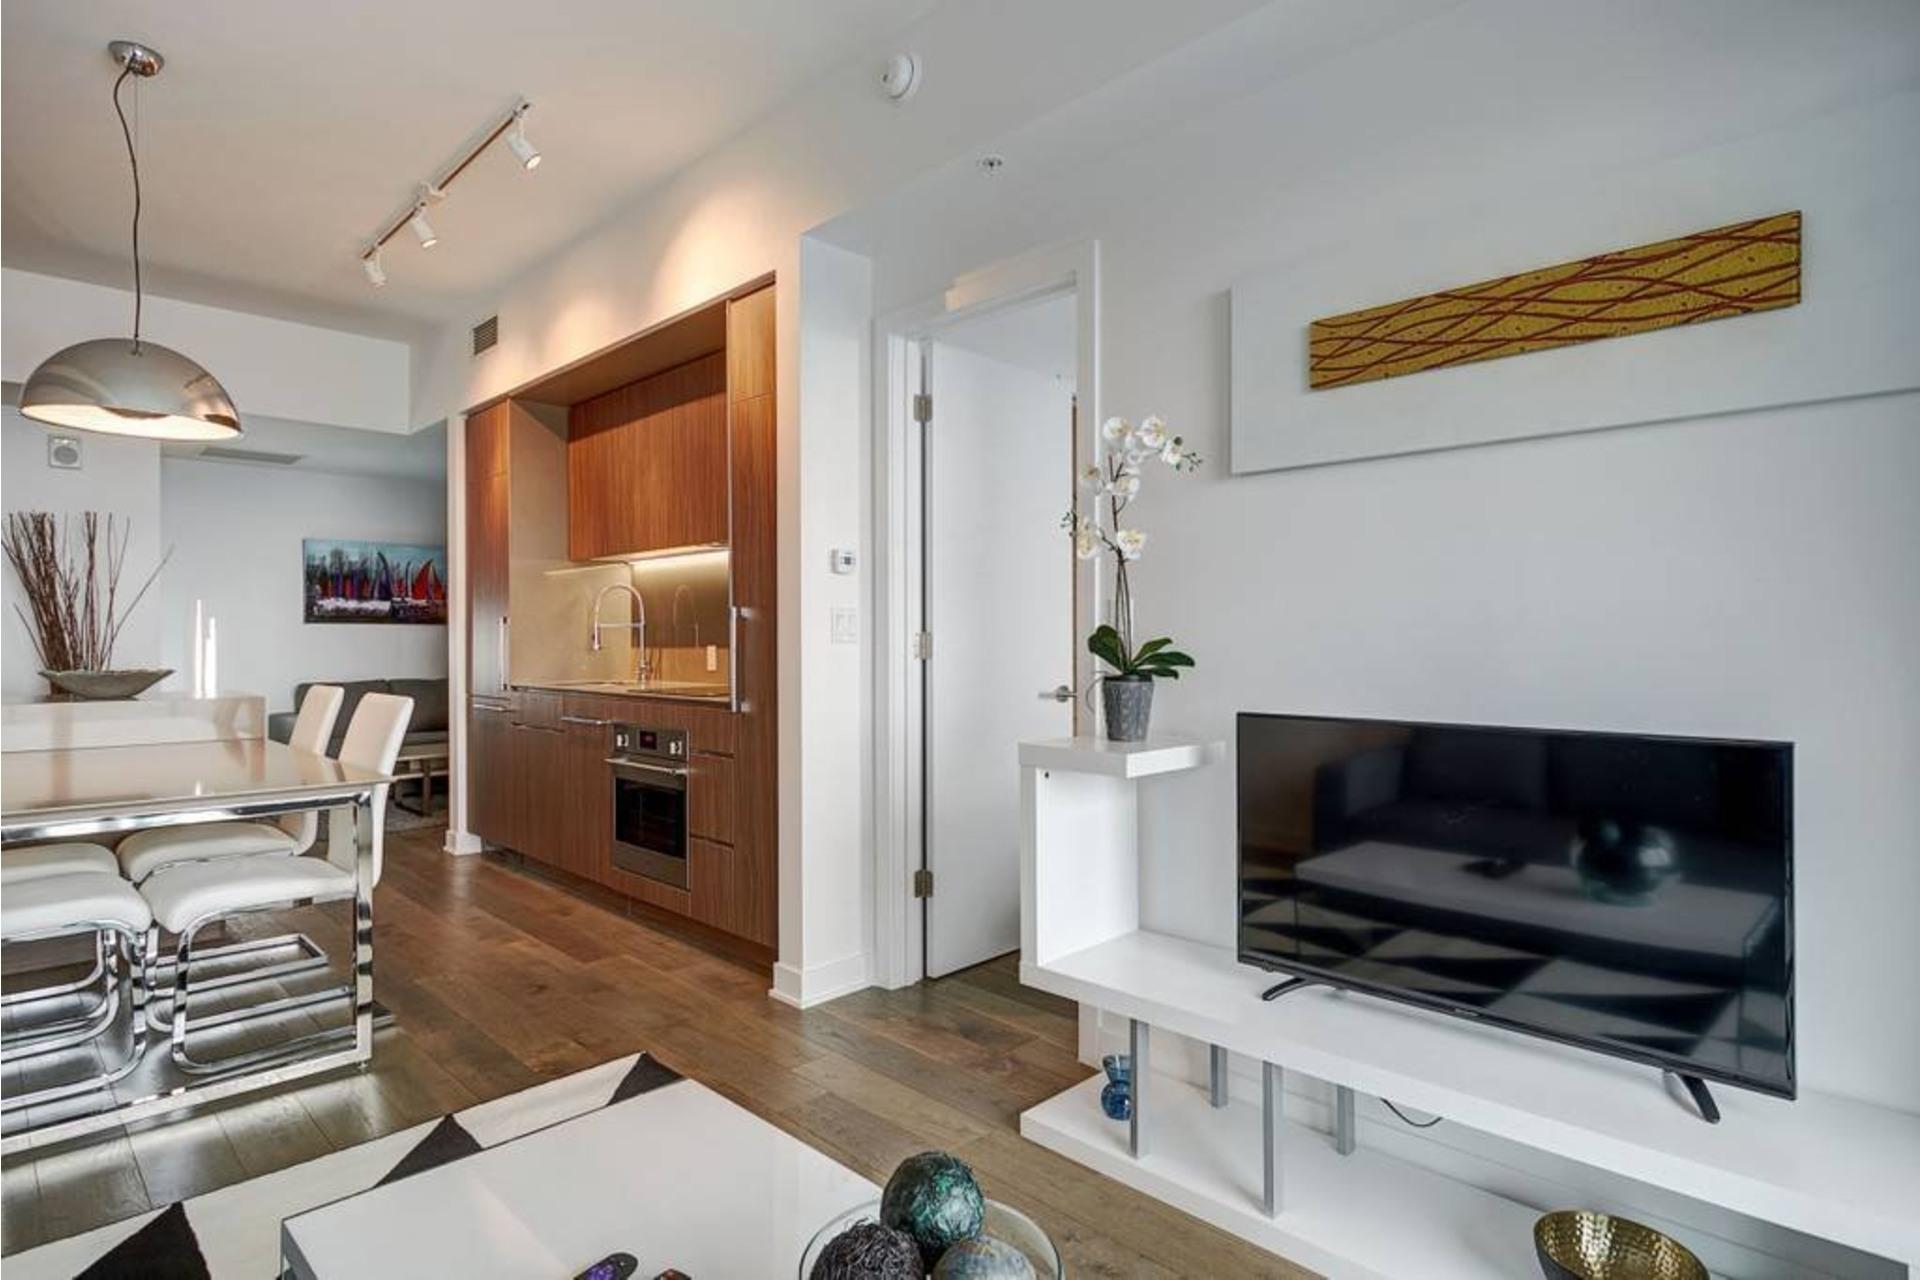 image 1 - Appartement À louer Ville-Marie Montréal  - 4 pièces